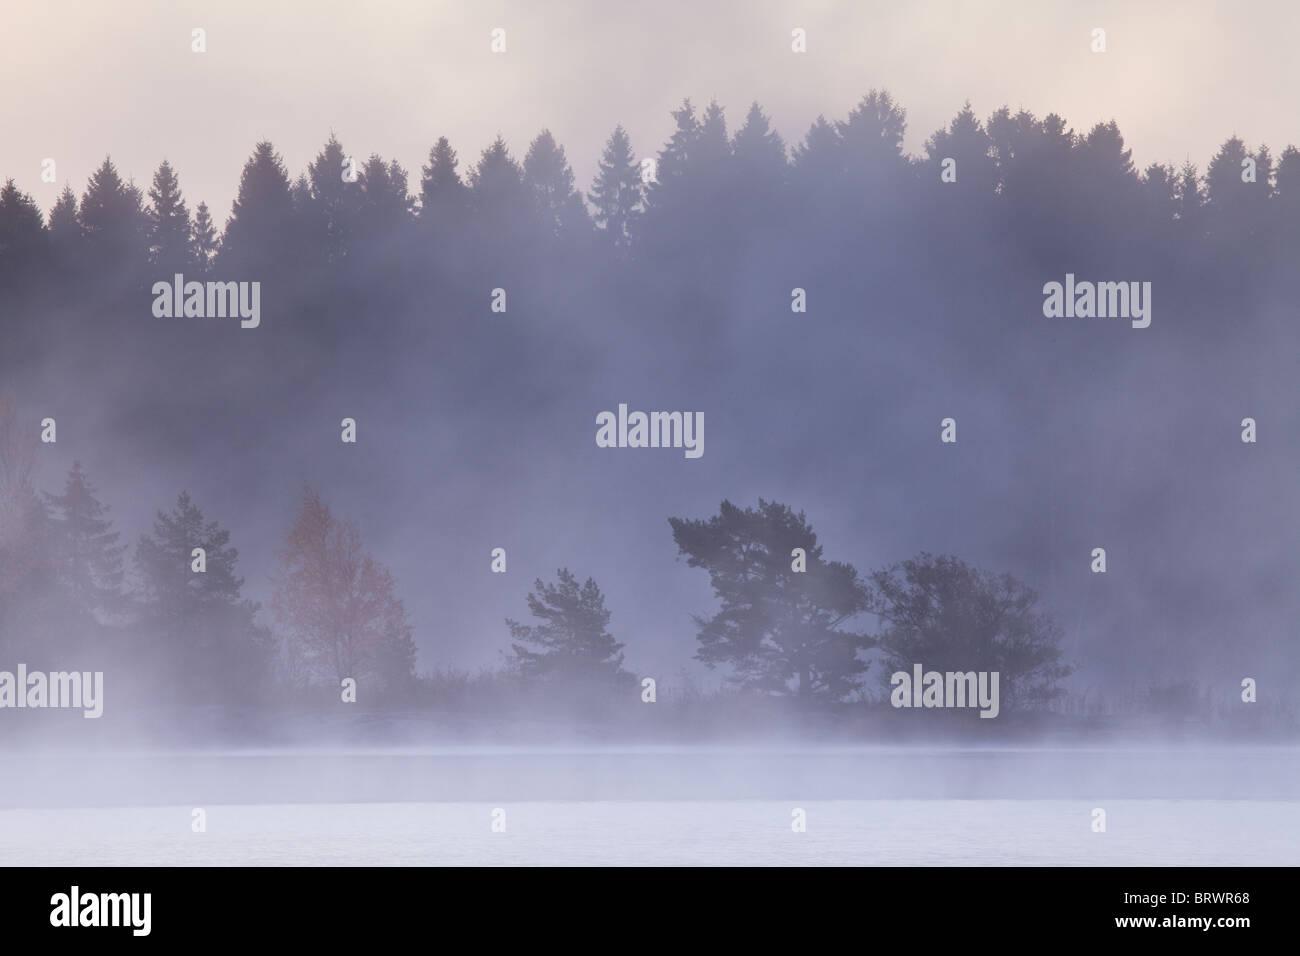 Am frühen Morgen Nebel nach einem frostigen Oktober Nacht im See Vansjø, Østfold fylke, Norwegen. Stockbild